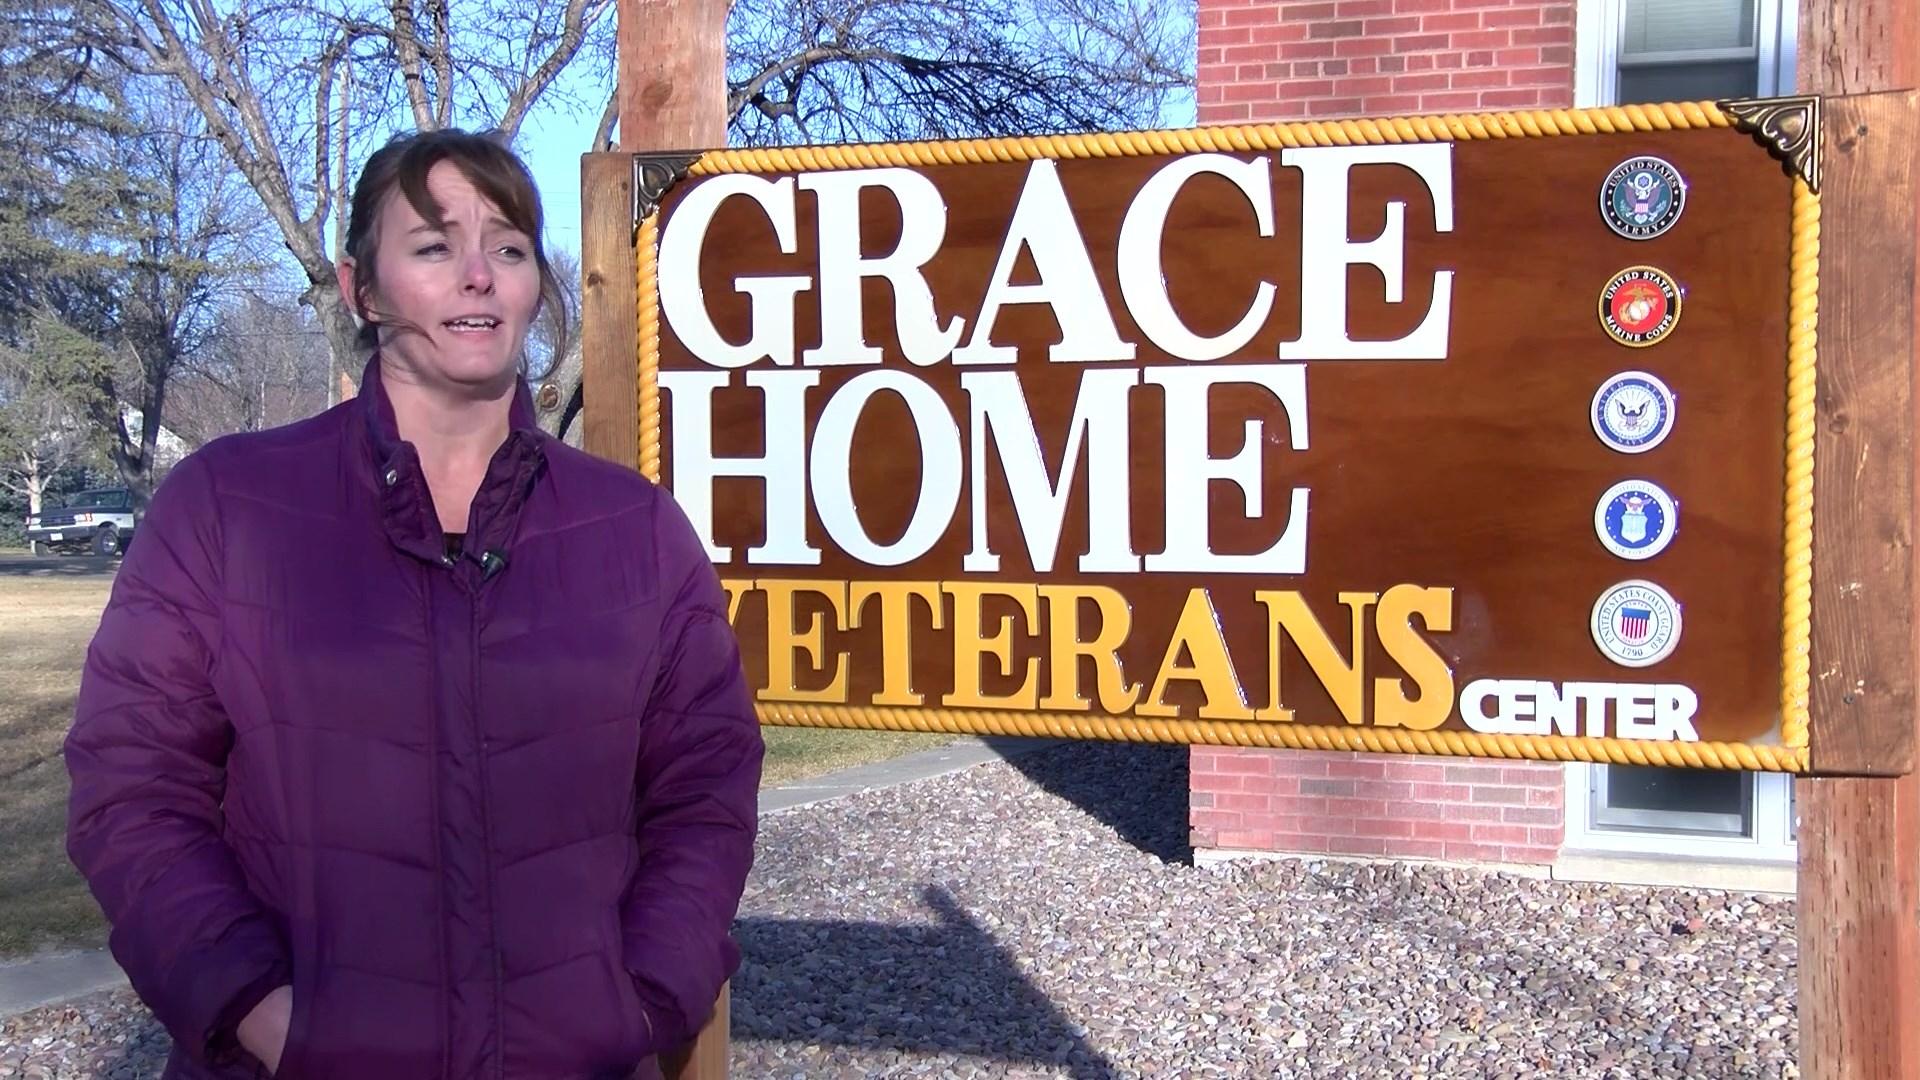 Jennifer Lehman, director of Grace Home